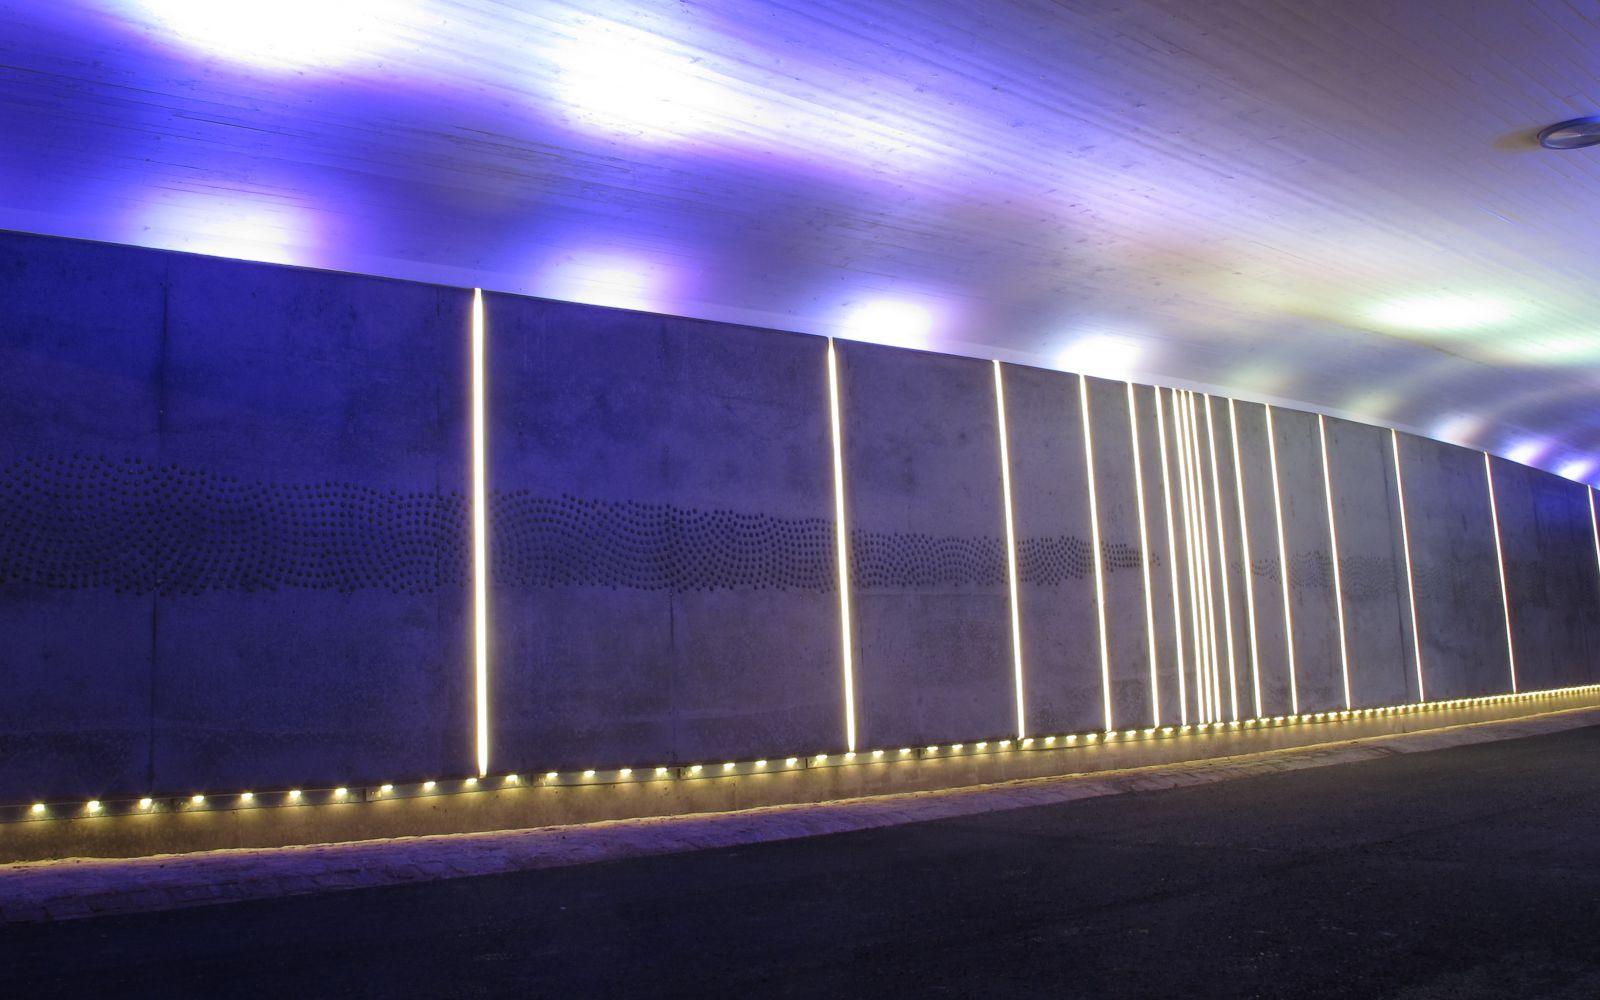 <h1>Vackrare tunnlar</h1><h4>Linköping kommun har satsat rejält på vackrare och säkrare utomhusmiljöer i staden. Ett bra exempel är tunneln In through out där ljuskonstnären Ulla Ridderberg jobbat tillsammans med ljusplanerare David Johansson.</h4>